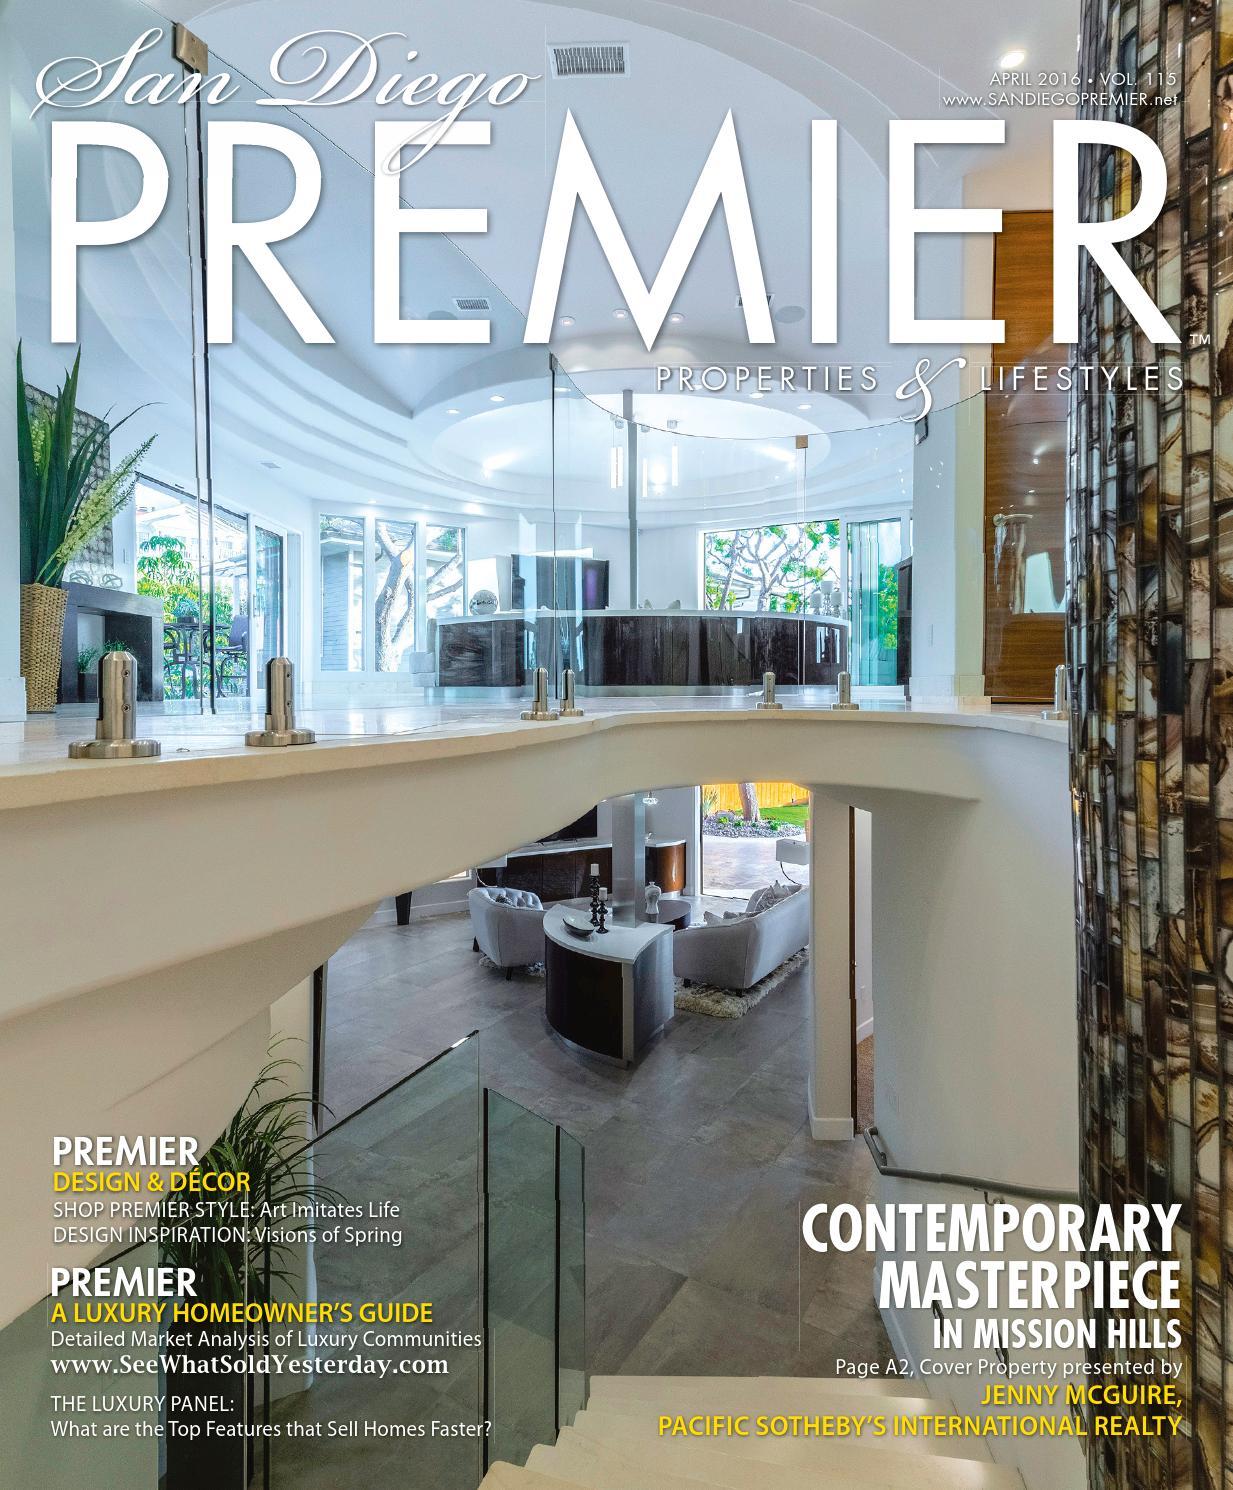 San Diego Premier 115 April 2016 by San Diego PREMIER - issuu